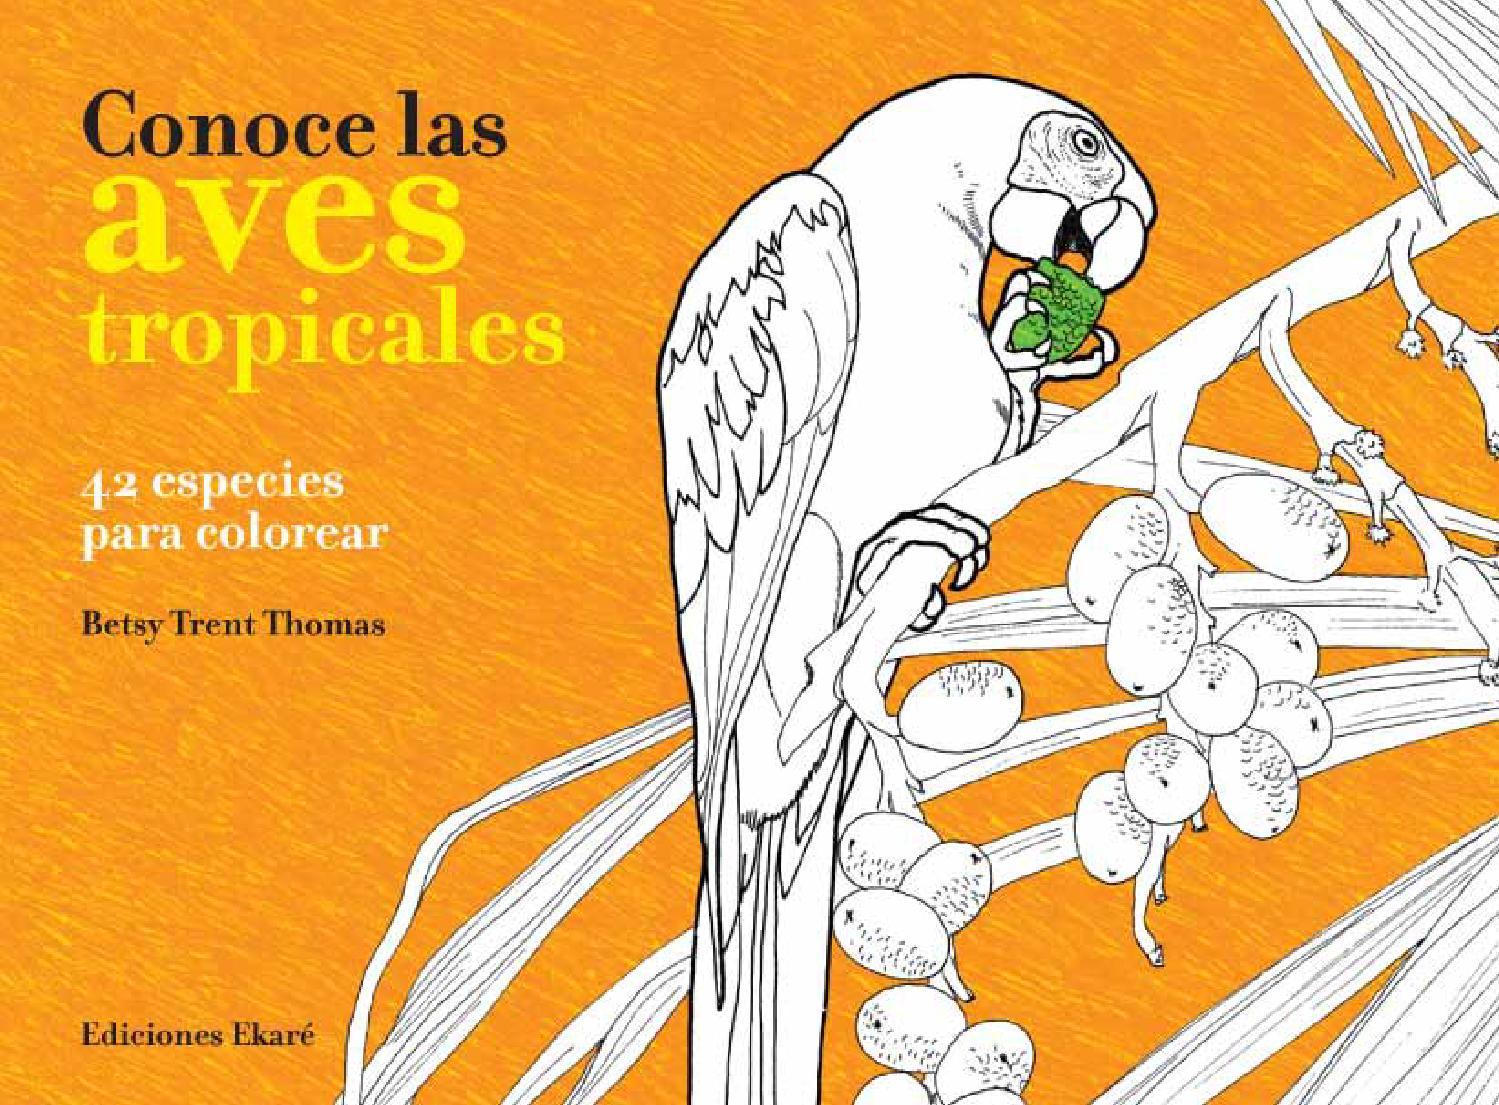 Conoce las aves tropicales by Ediciones Ekaré - issuu